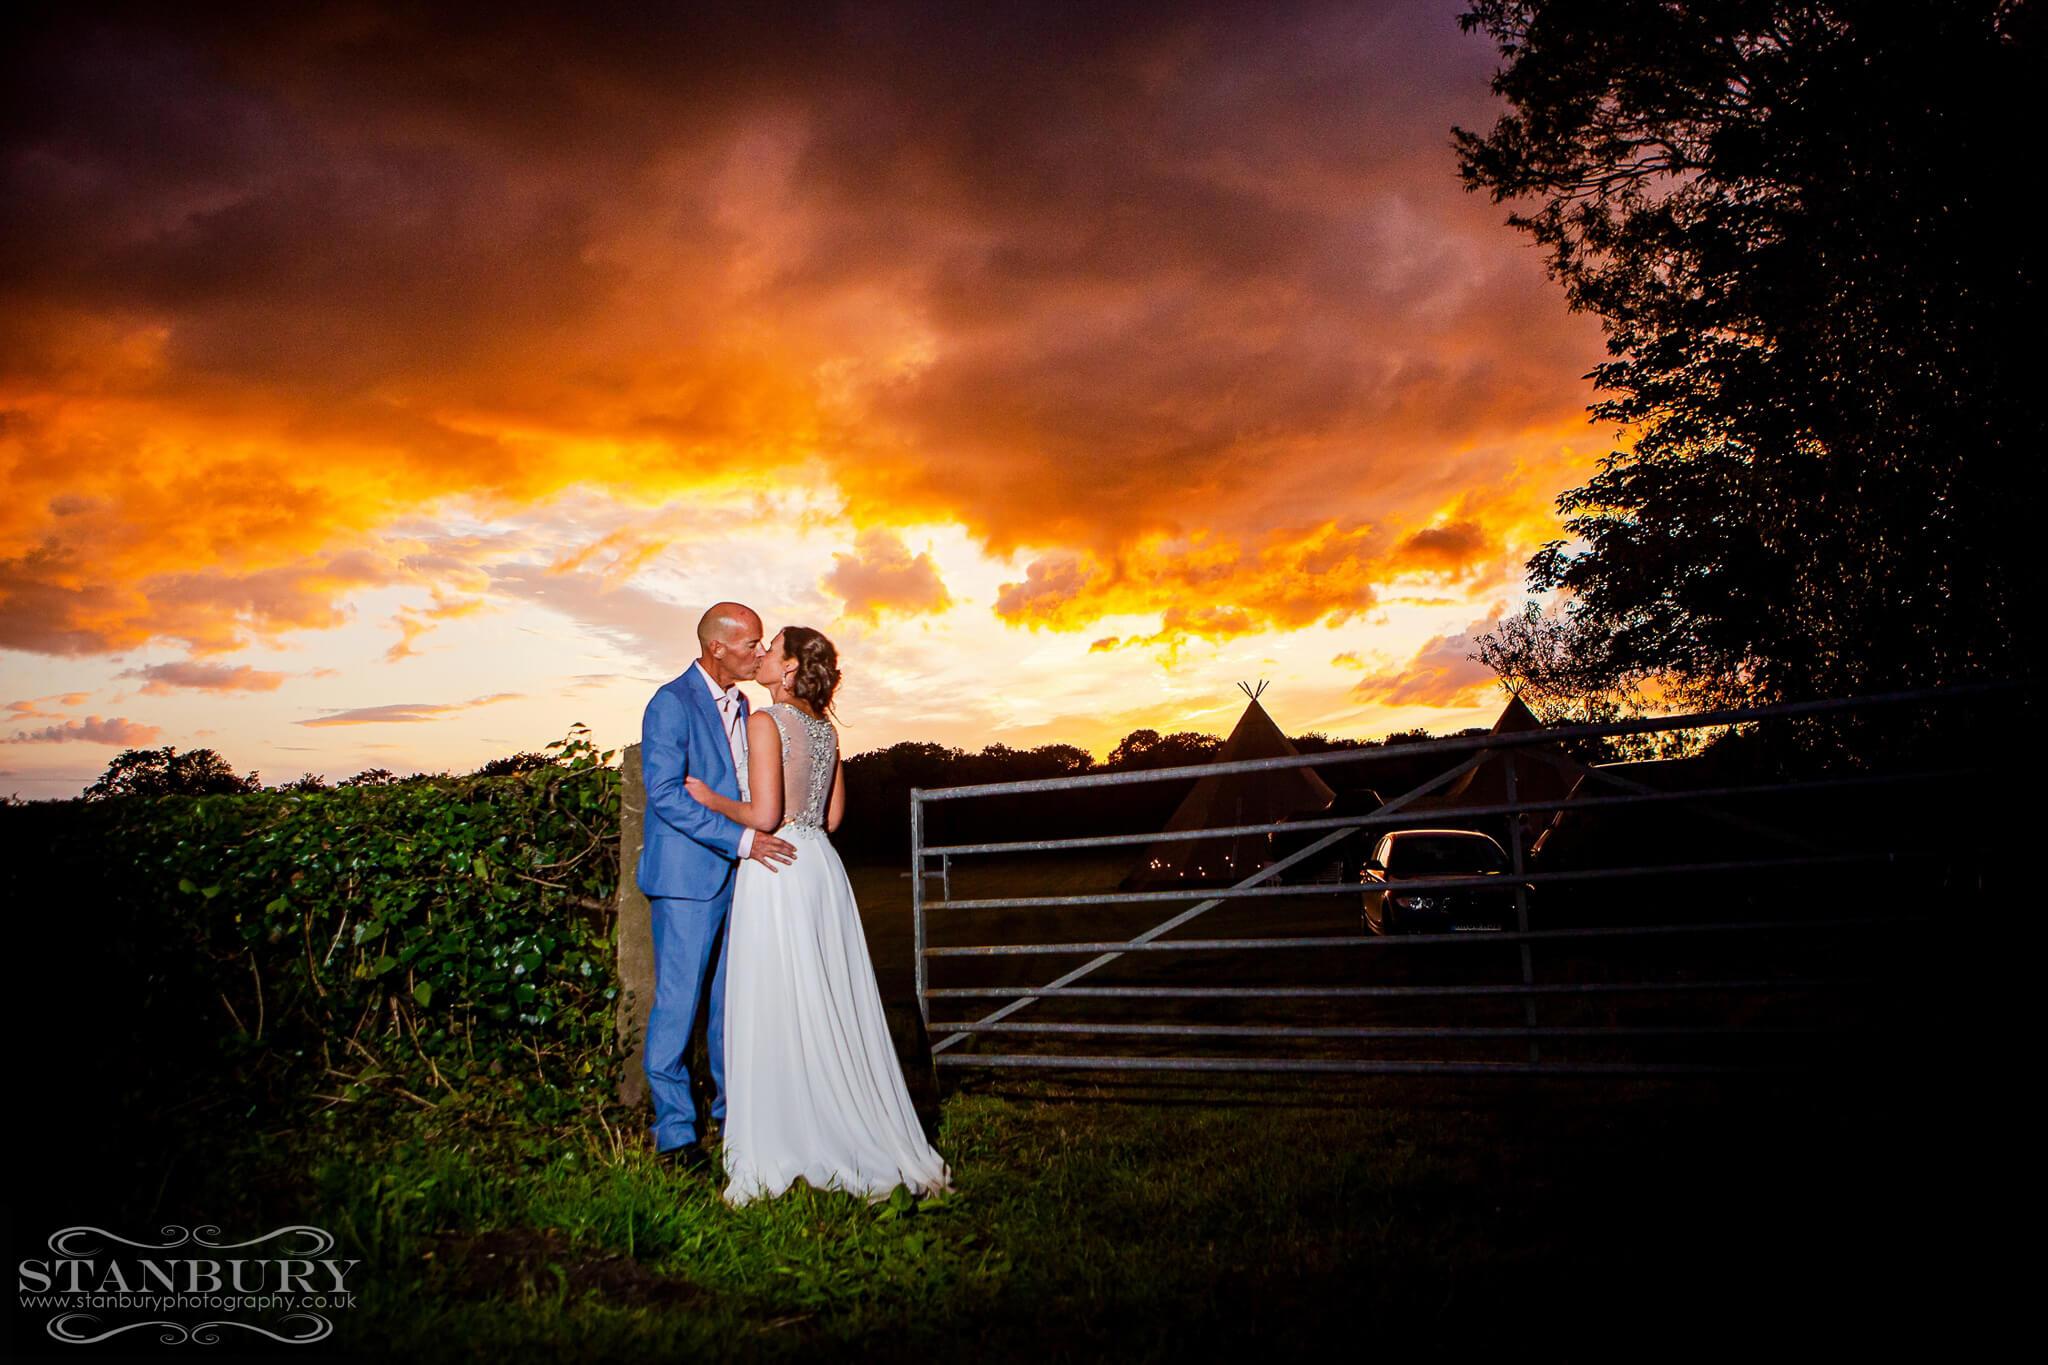 sunset-wedding-photography-lancashire-stanbury